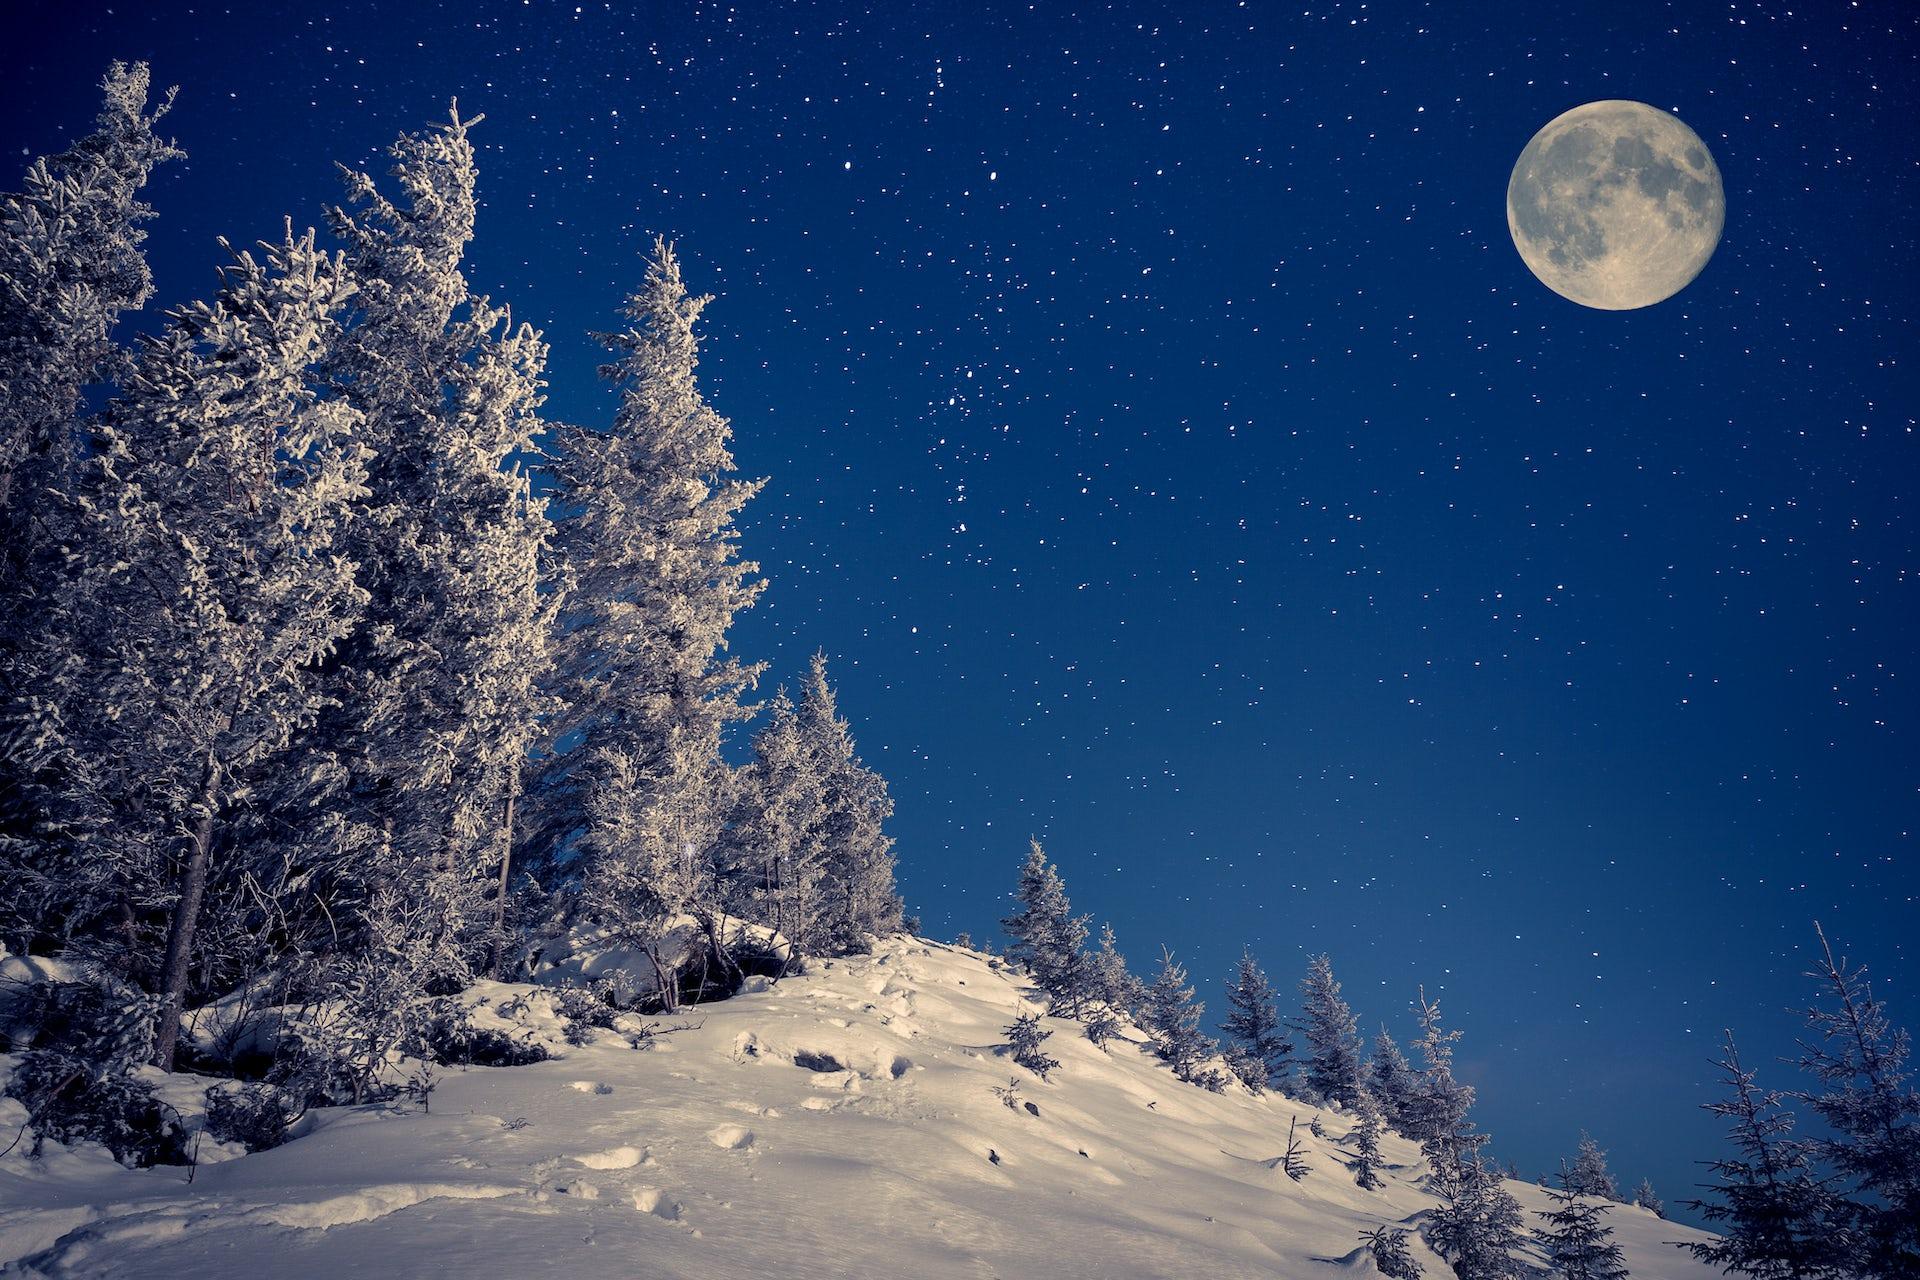 A Traditional Religious Christmas Carol